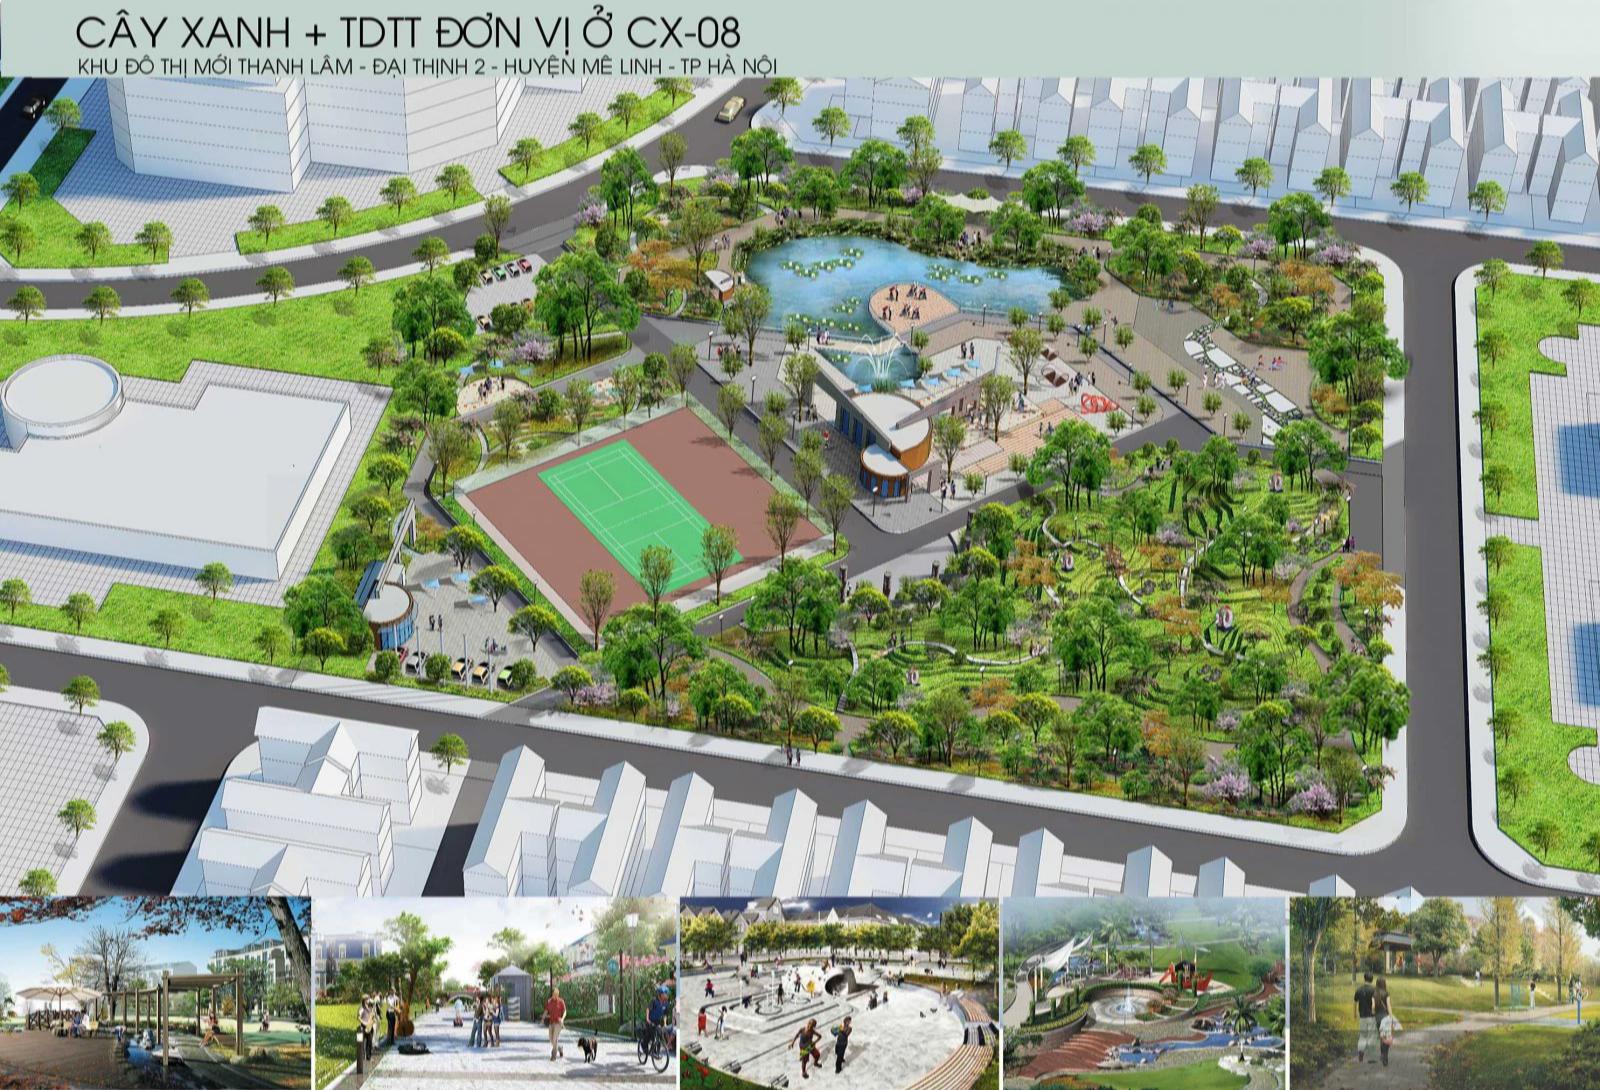 Thêm dự án nhà ở xã hội tại KĐT mới Thanh Lâm – Đại Thịnh 2 tiếp tục mở bán - Ảnh 1.